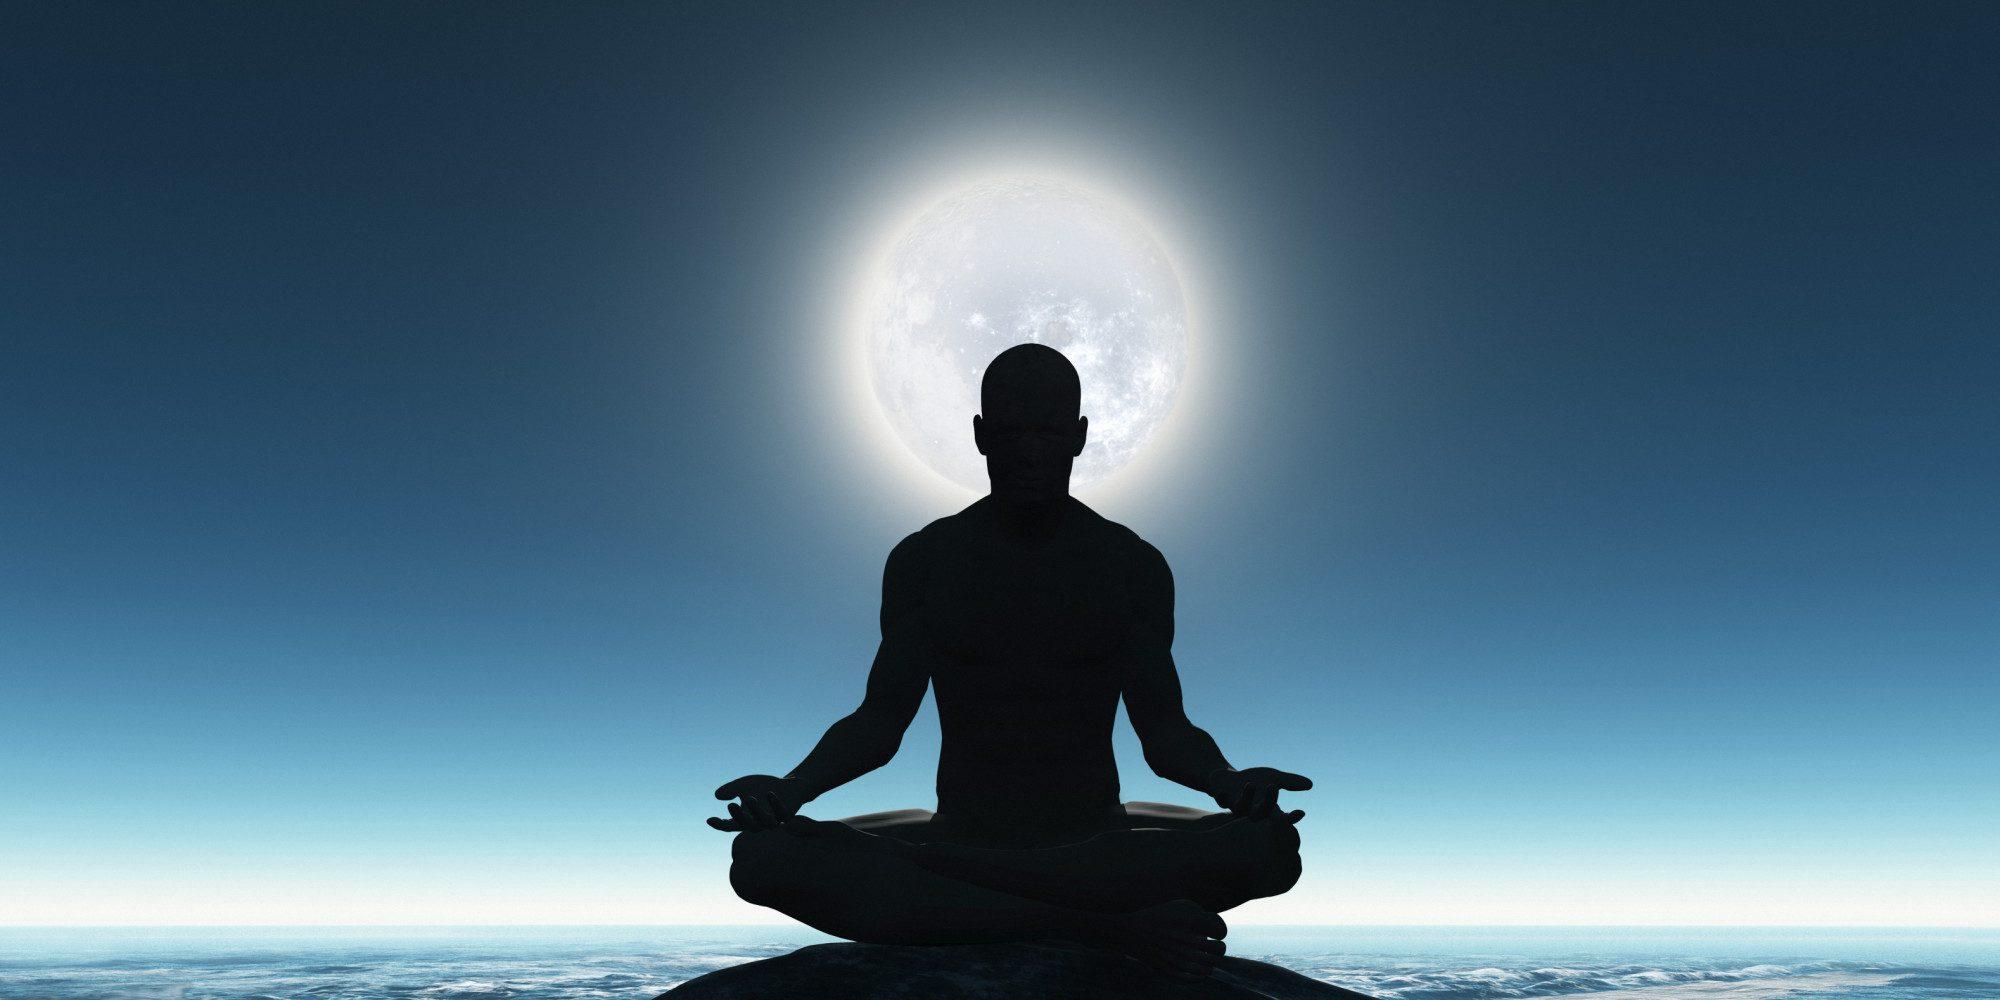 Faire silence en soi pour être en paix